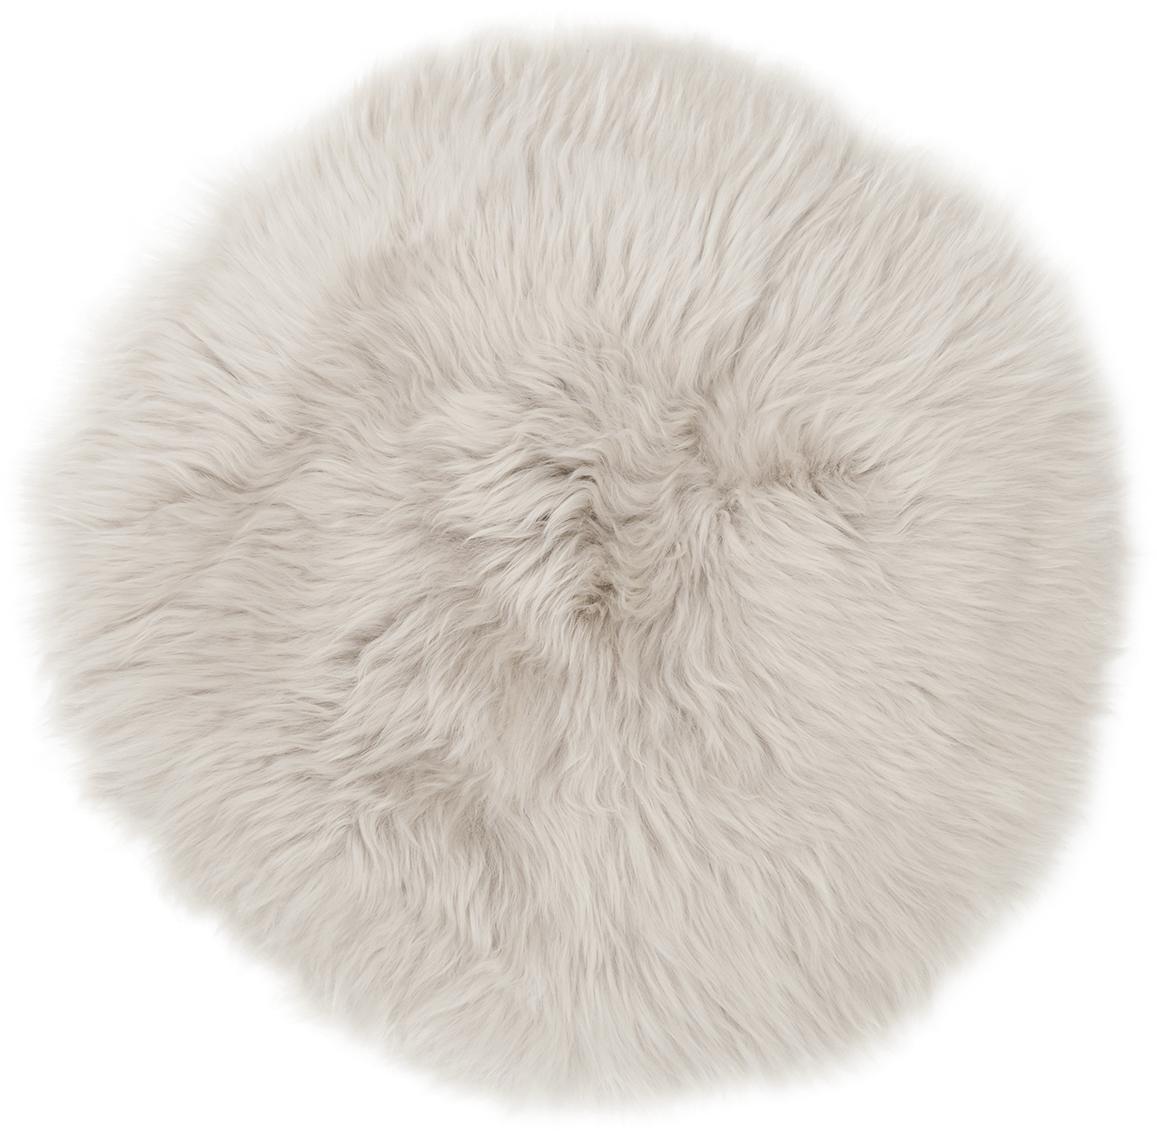 Cojín de asiento de oveja Oslo, Parte delantera: 100%piel de oveja, Parte trasera: 100%cuero cuertido, Beige, Ø 37 cm